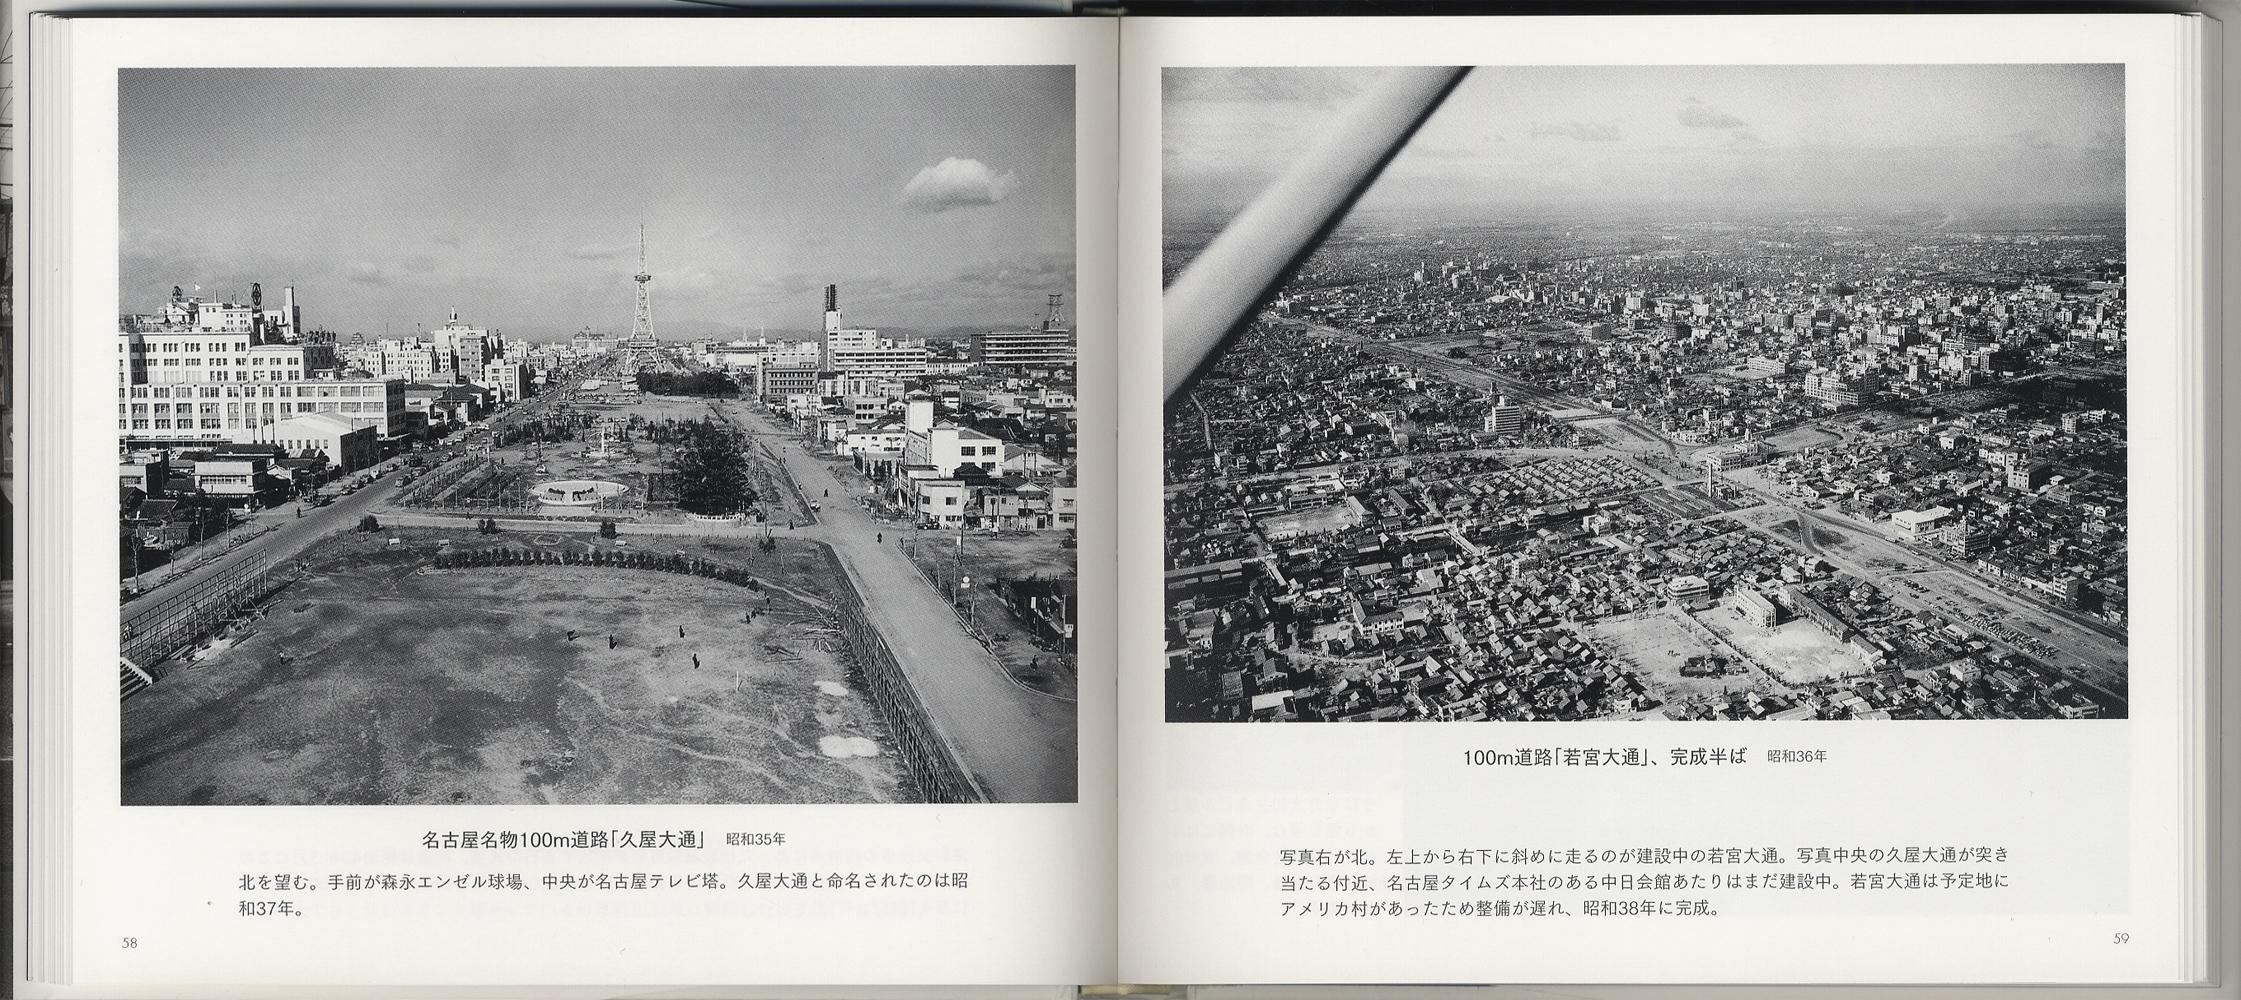 昭和の名古屋 昭和20〜40年代[image3]